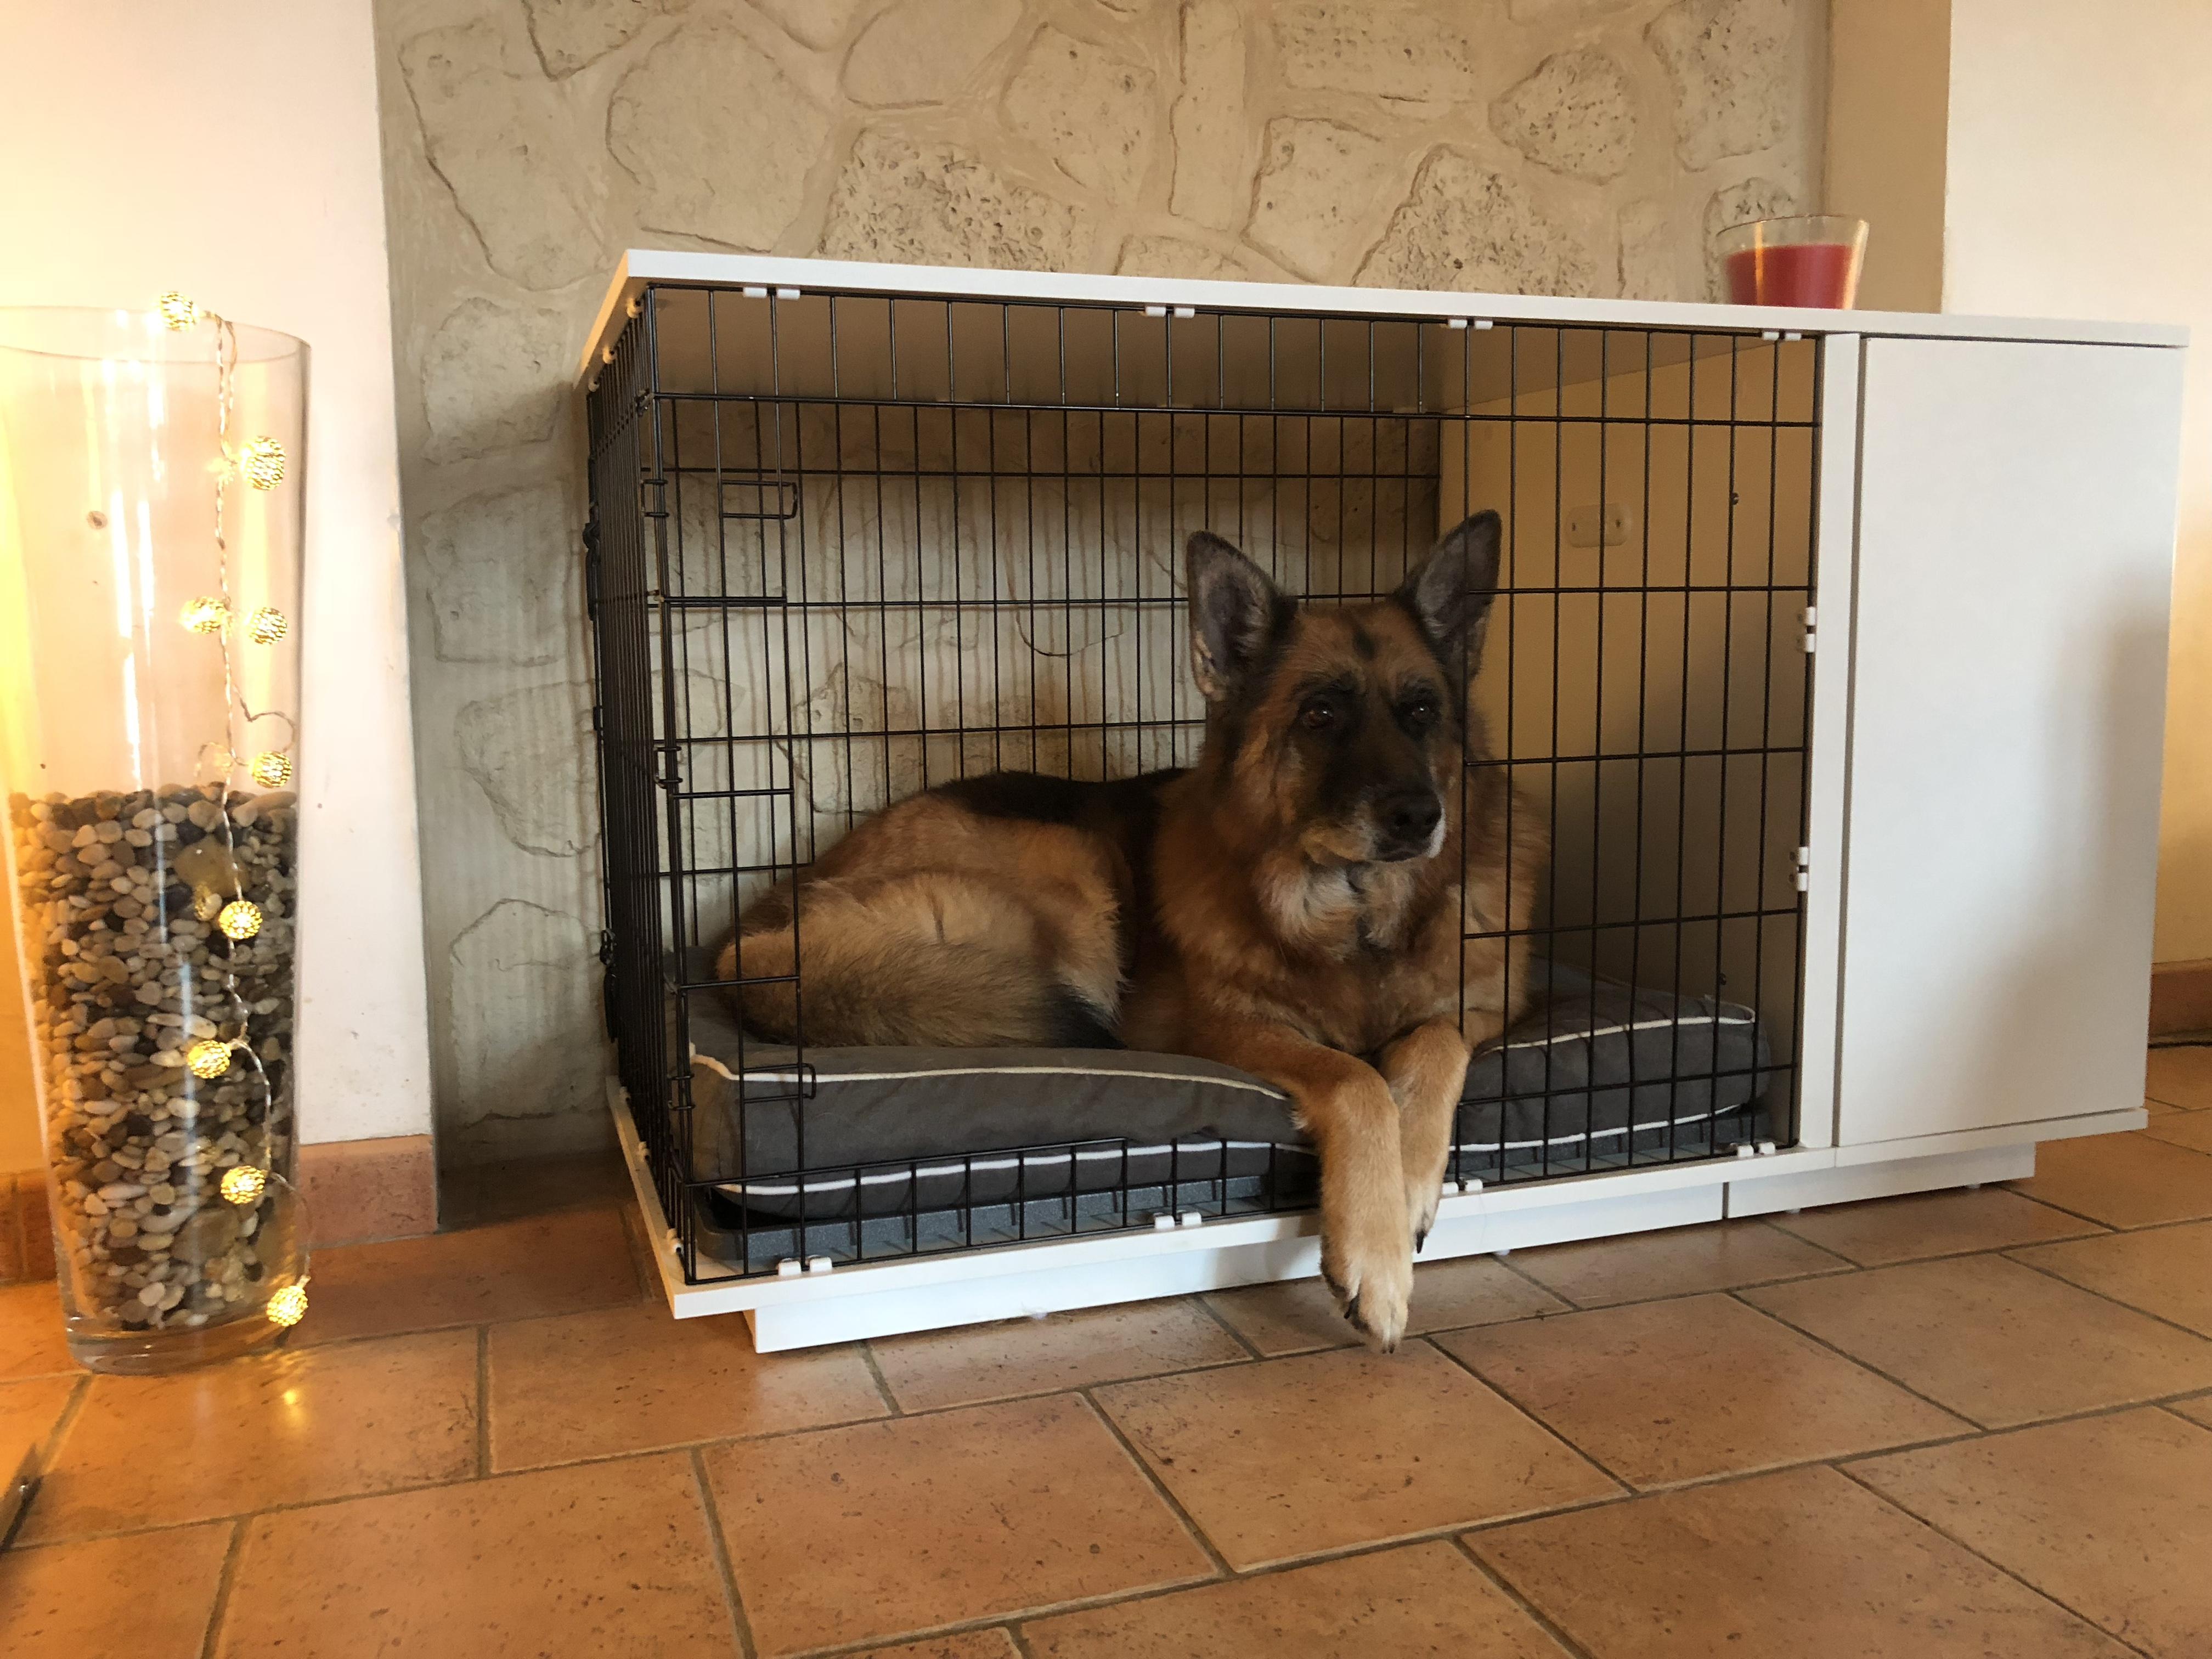 Avis client pour niche d int rieur pour chiens fido studio - Niche d interieur pour chien ...